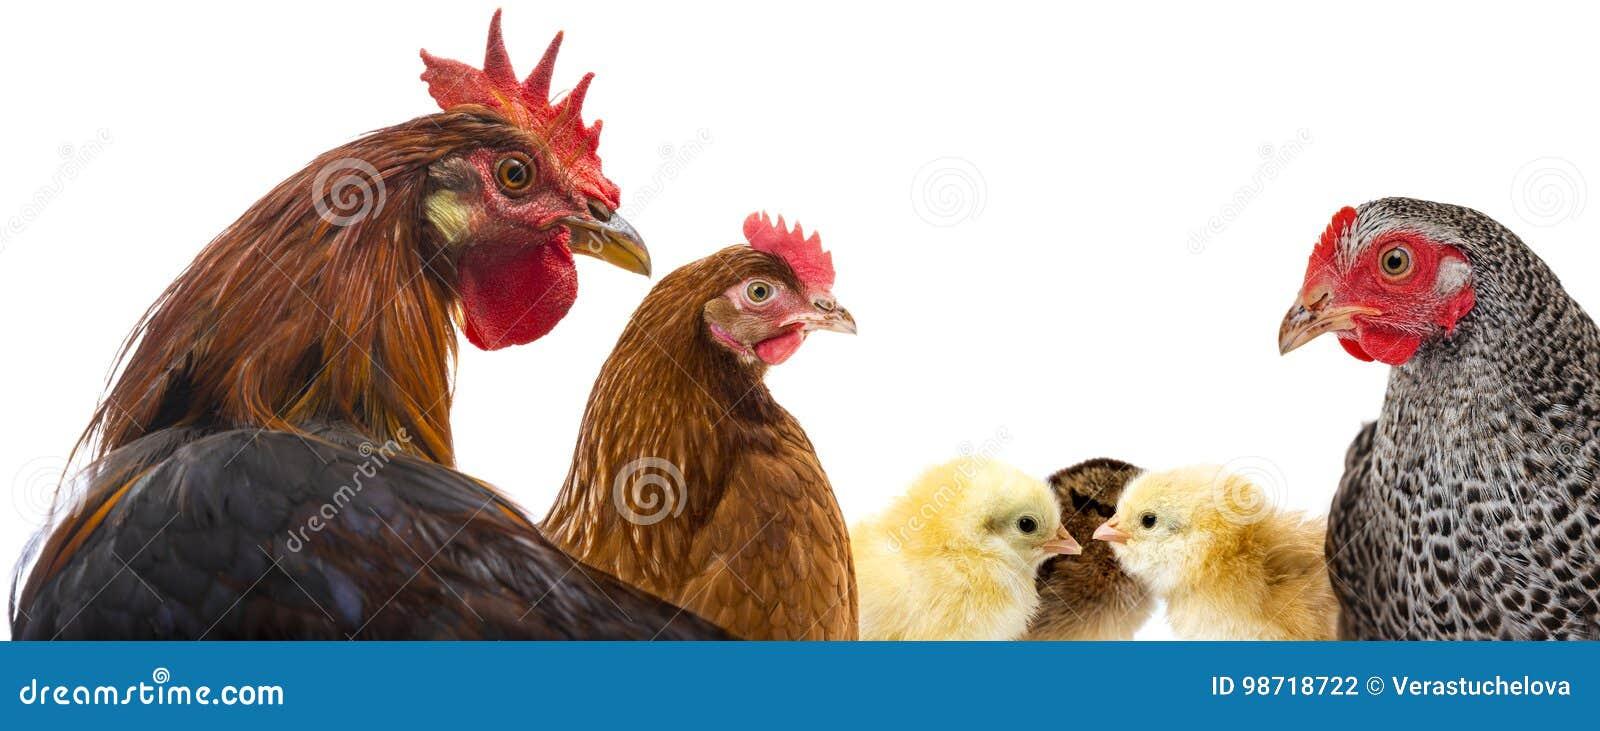 Kogut, karmazynki i kurczaki